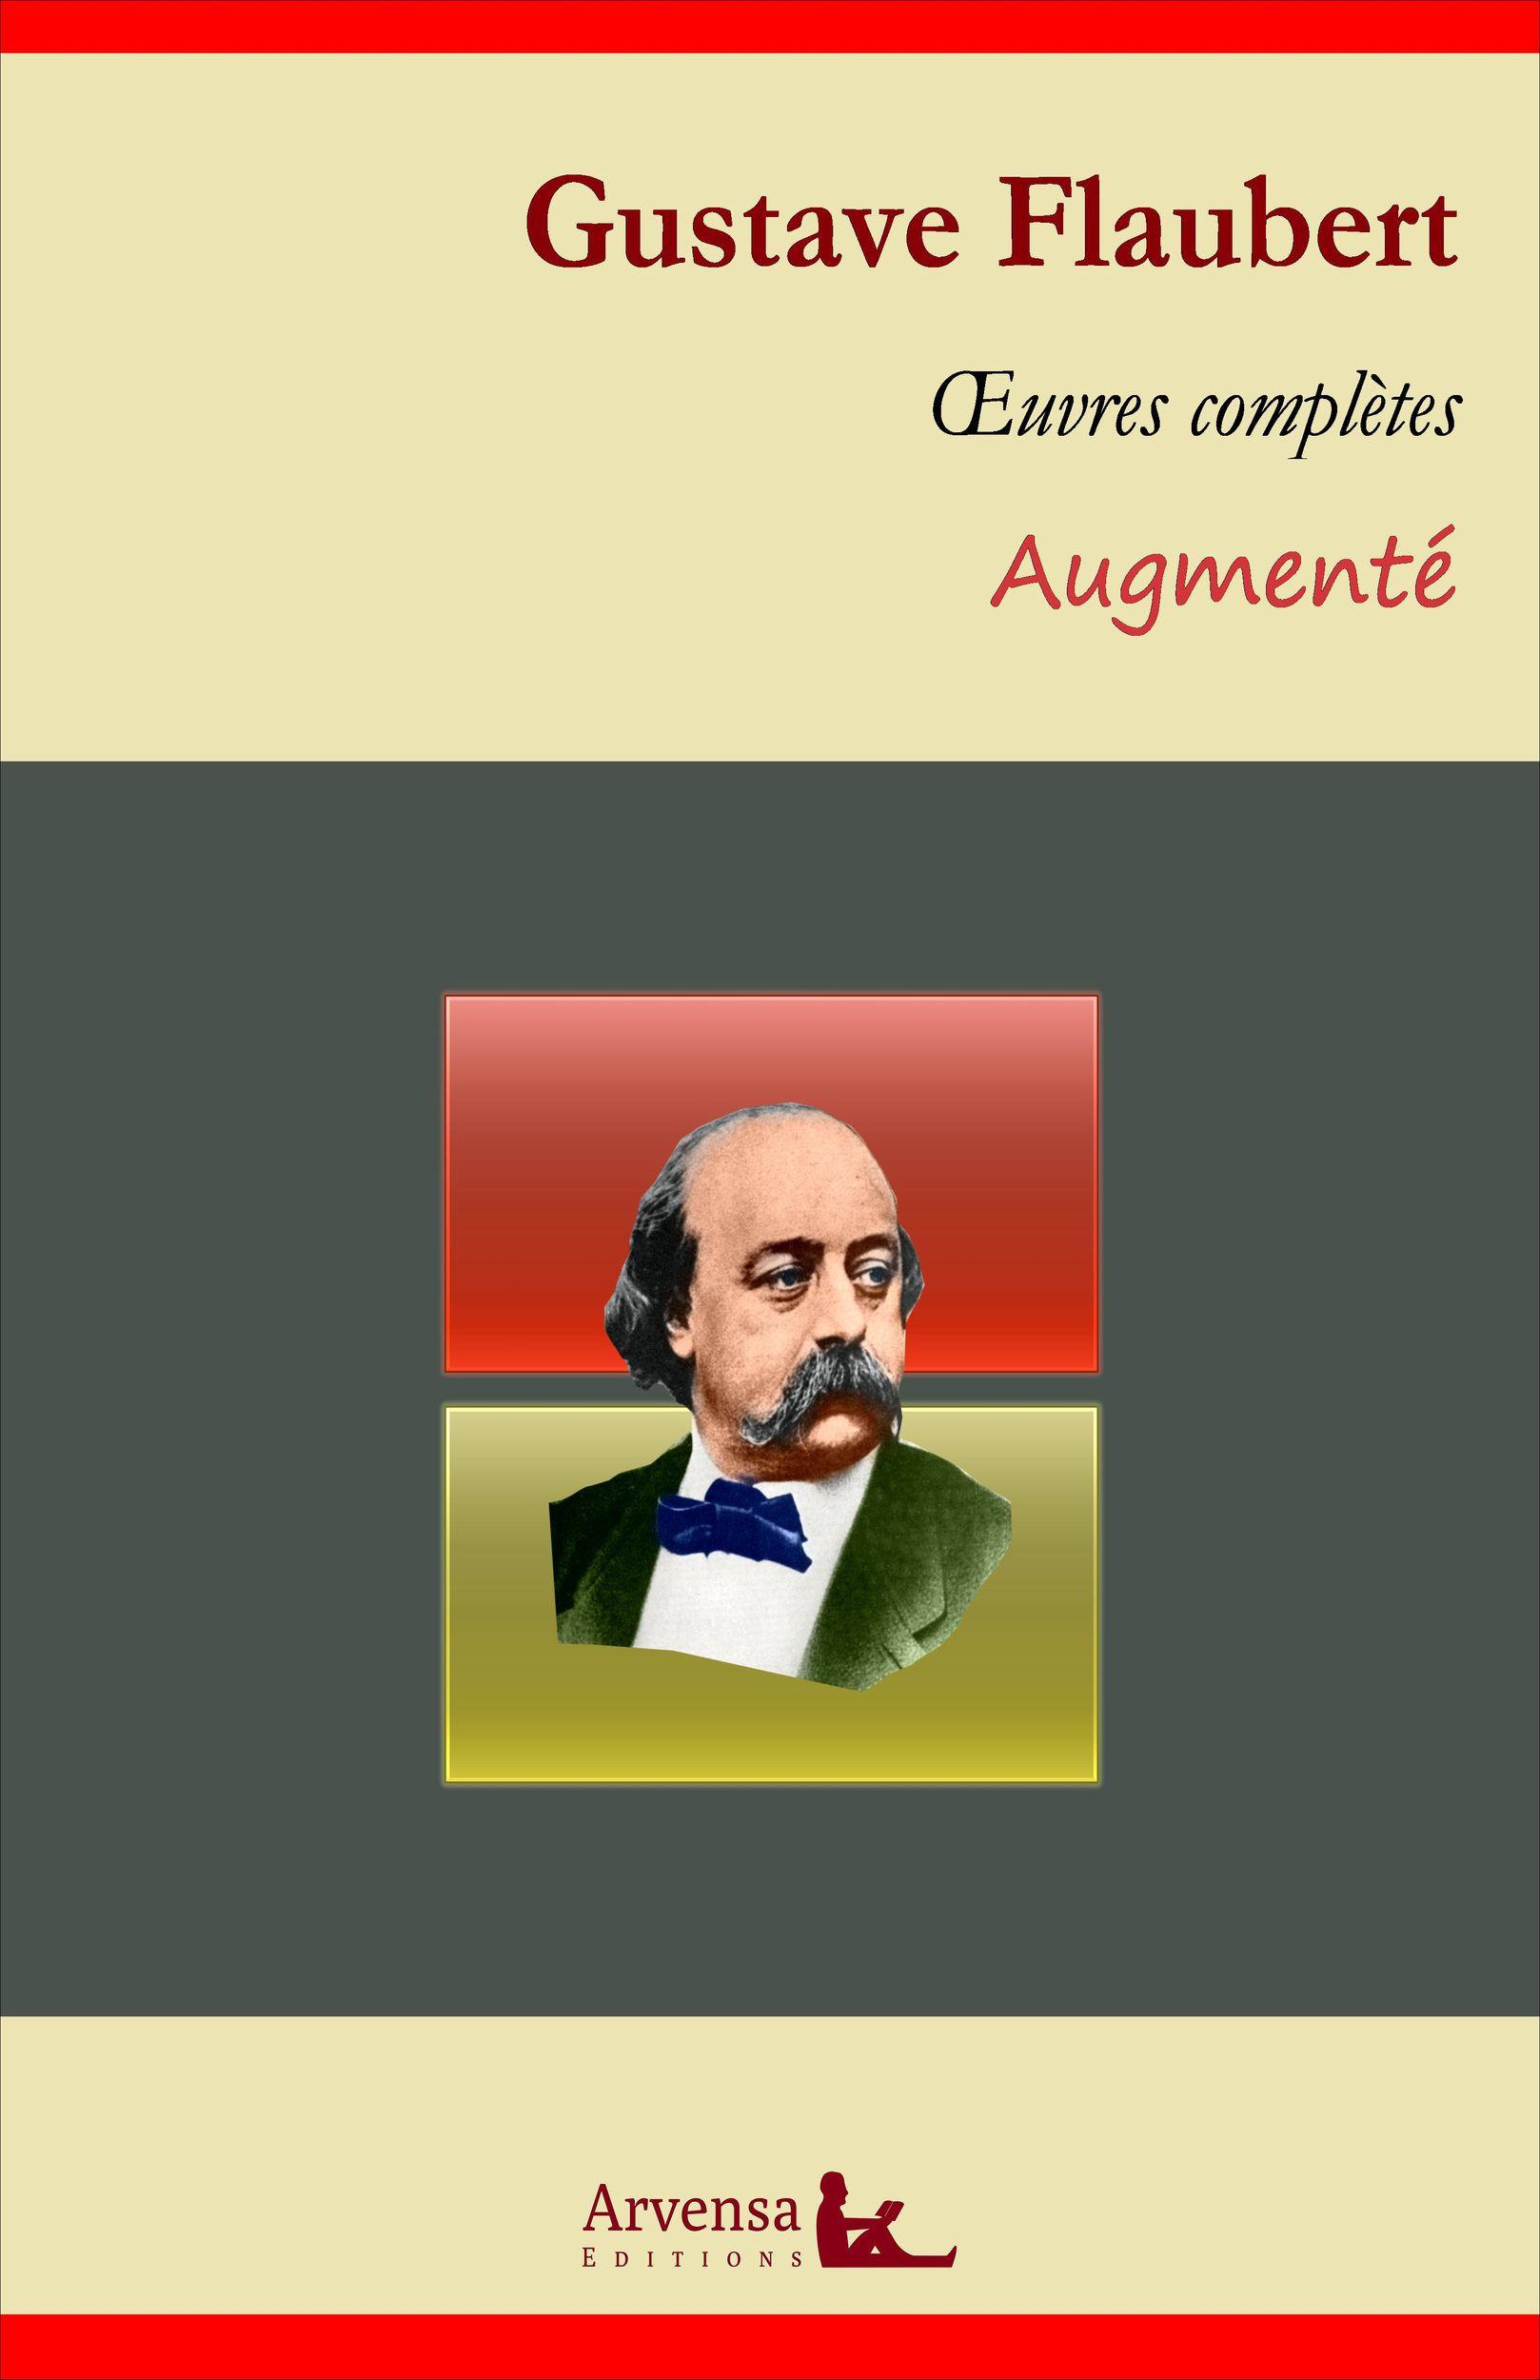 Gustave Flaubert : Oeuvres complètes - suivi d'annexes (annotées, illustrées)